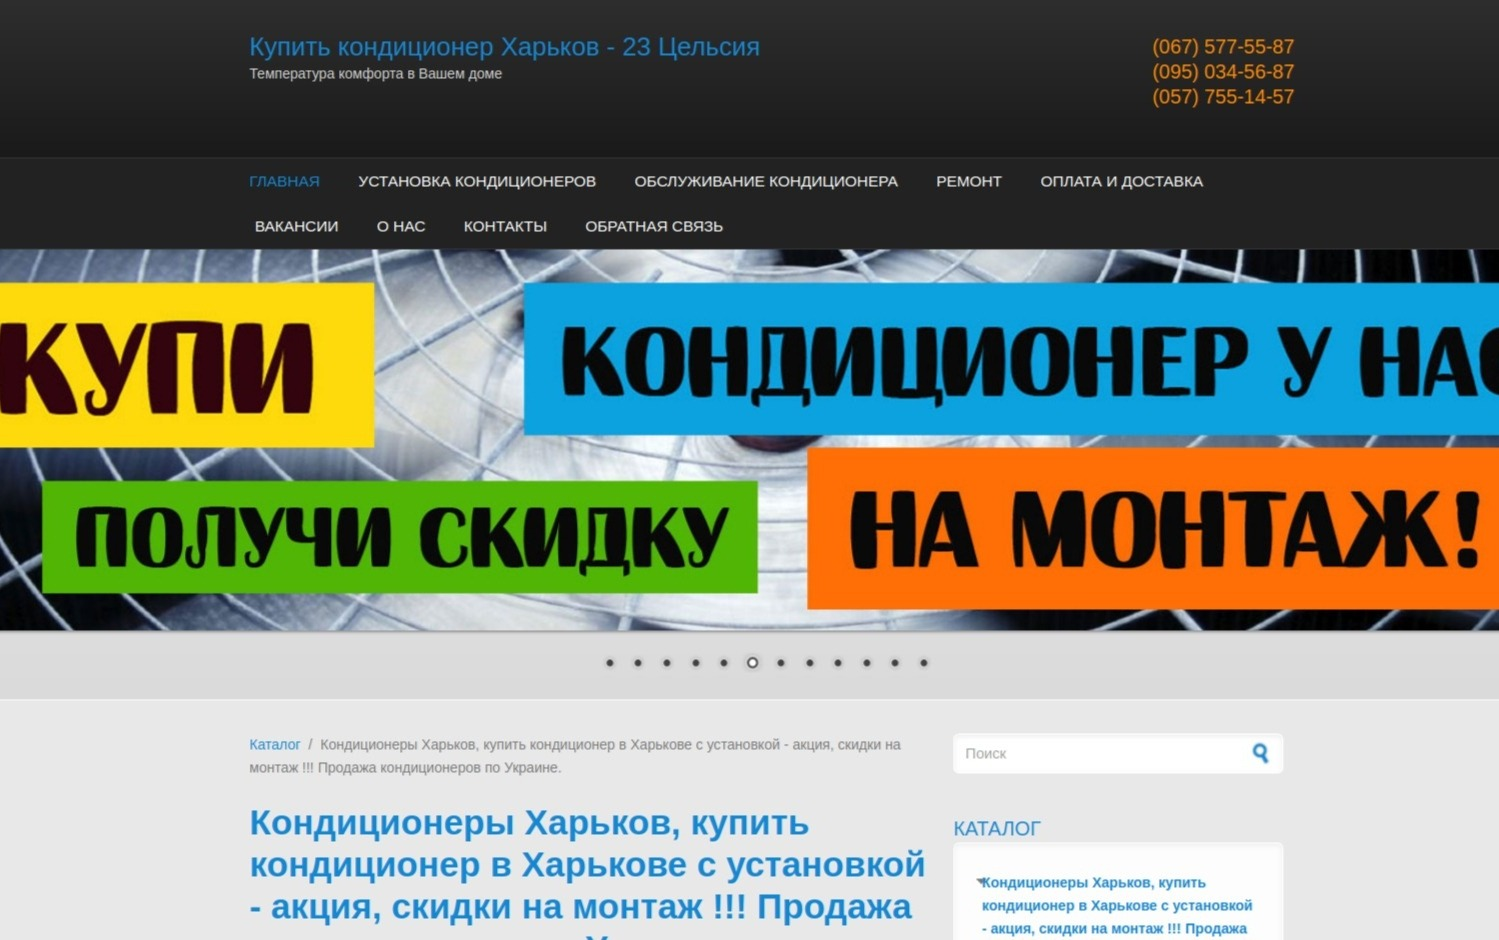 Купить кондиционеры Харьков — 23 Цельсия